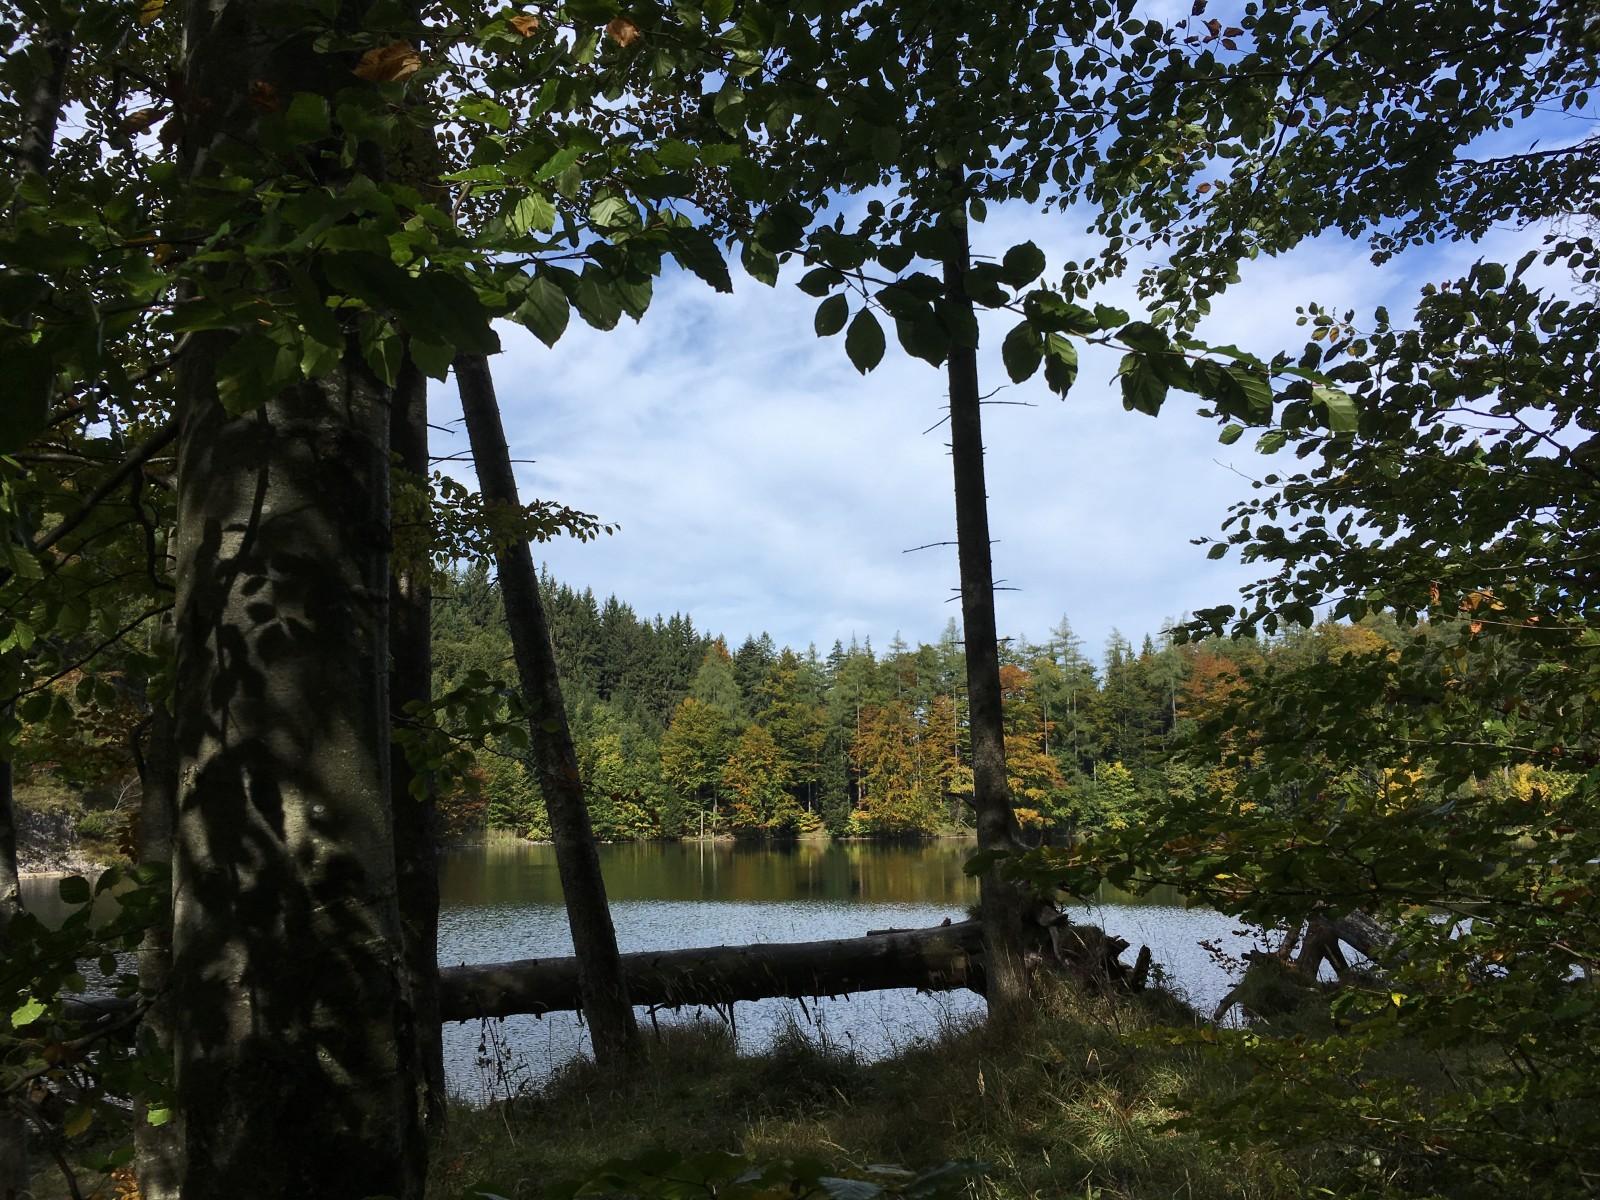 Herbstliche Farben prägen das Bild